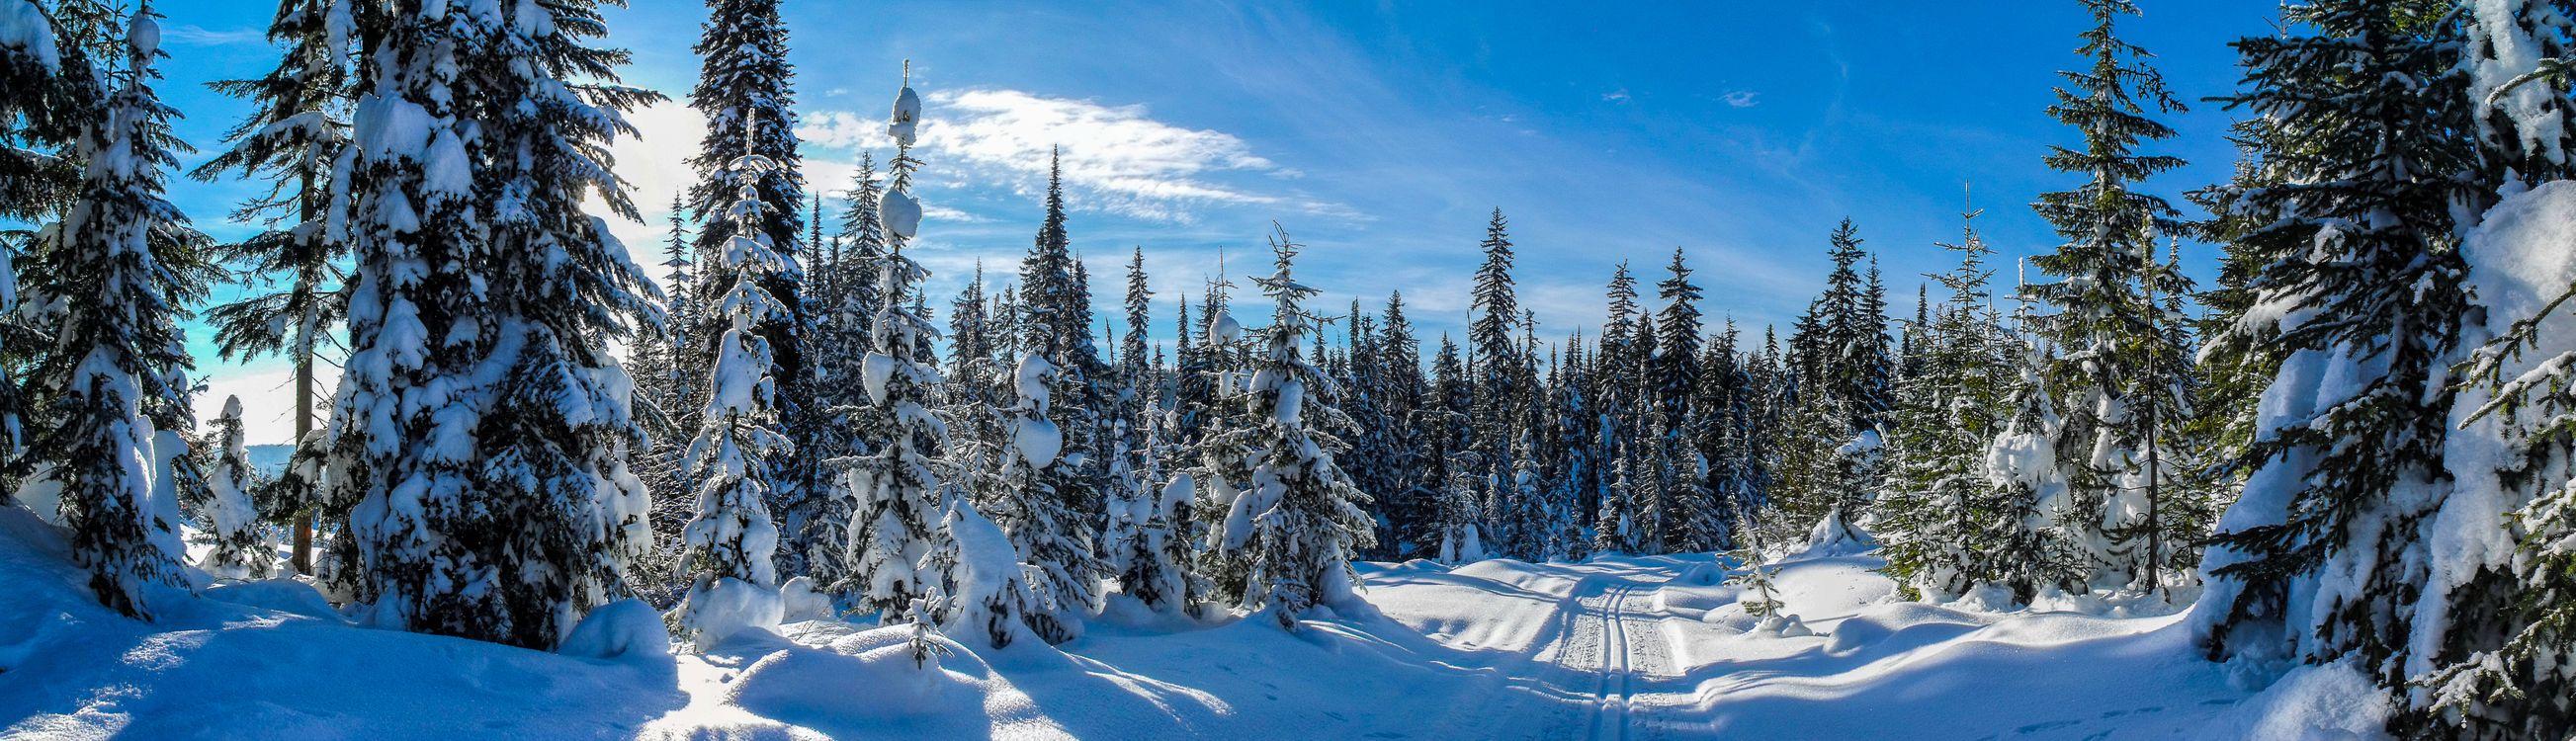 Фото бесплатно зима, снег, лес, деревья, сугробы, дорога, пейзаж, панорама, пейзажи